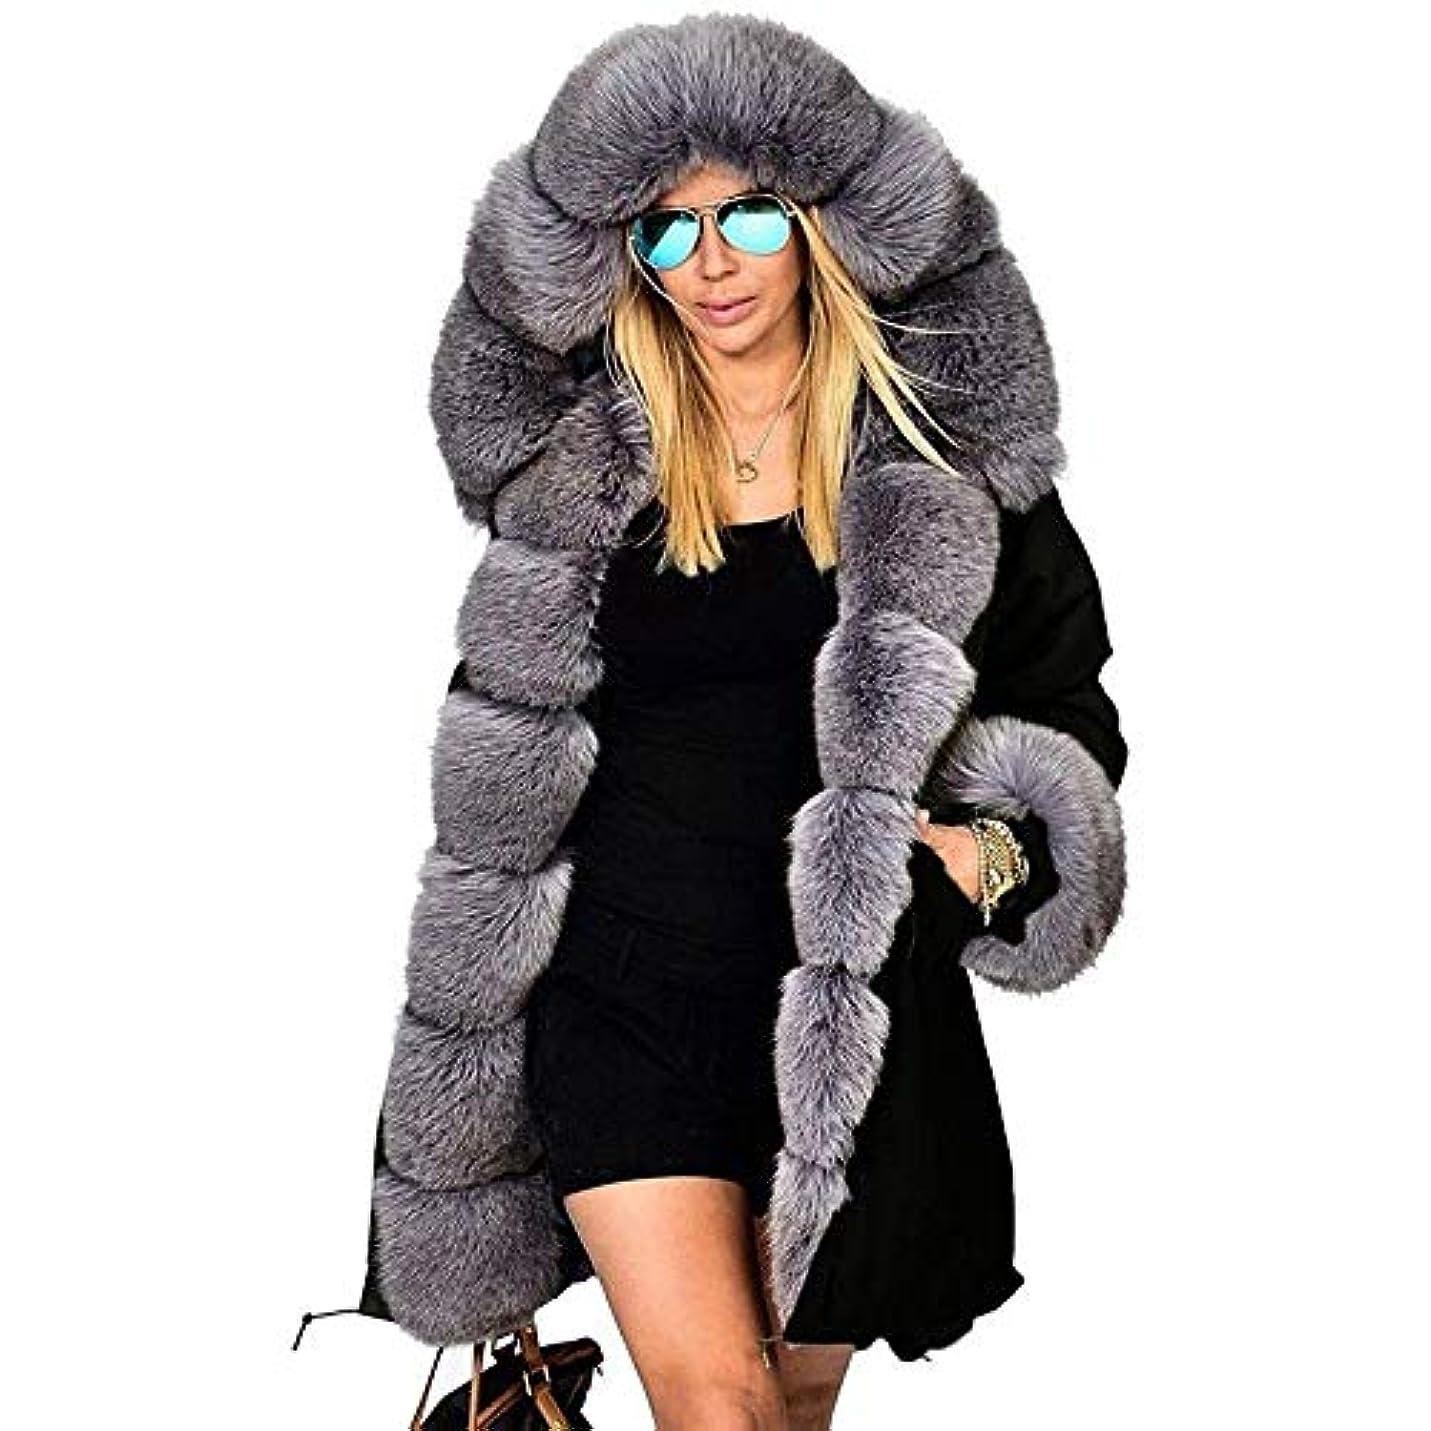 喜びコック条件付きファッションウィメンズジャケット女性ウォームコートフェイクファーコットンオーバーコート女性ロングフードコートパーカー,XXL